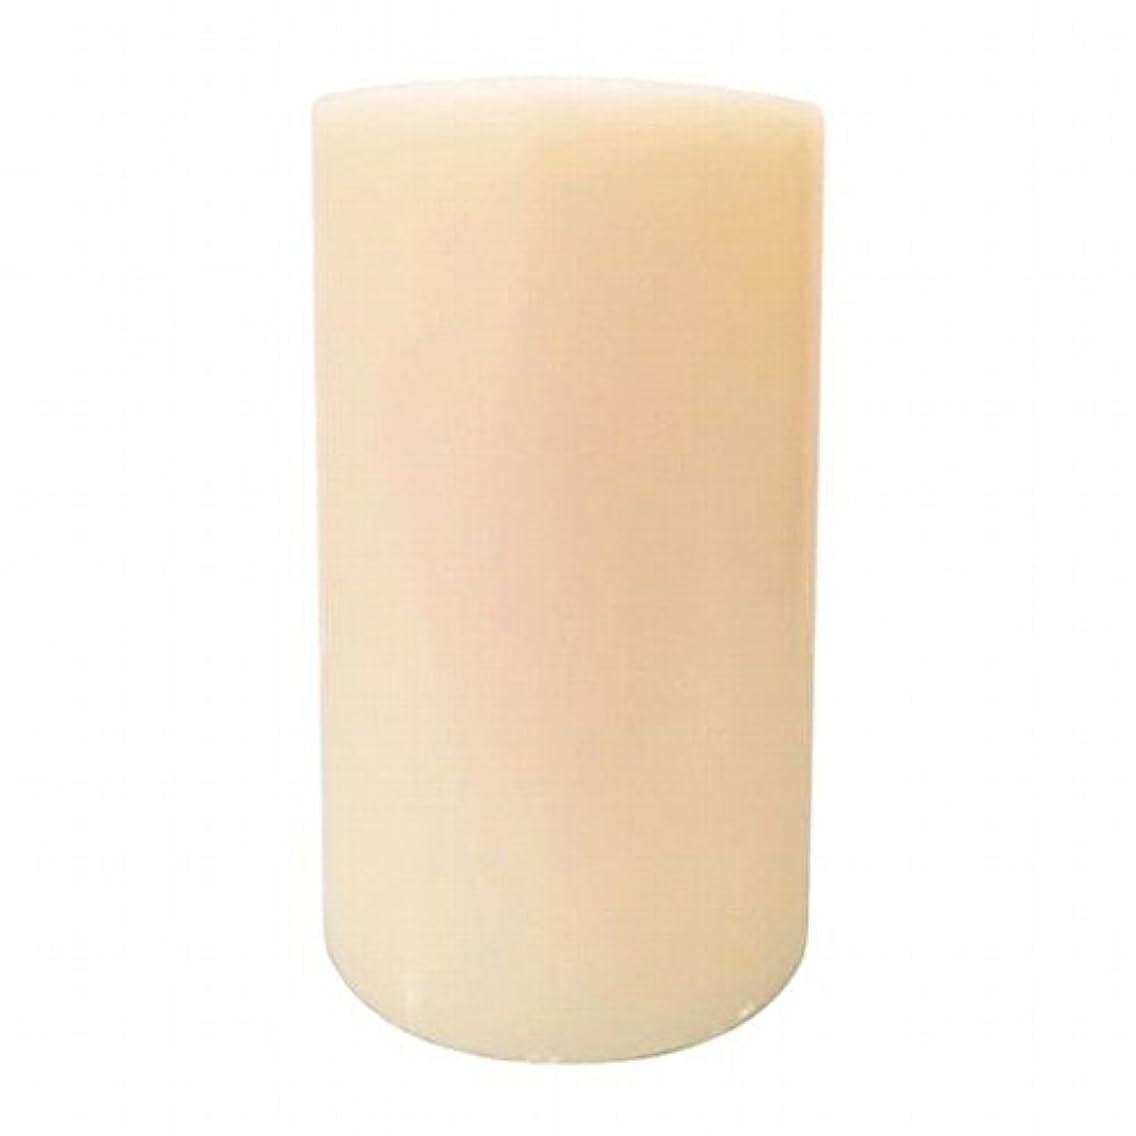 ブロッサム銀行ふつうカメヤマキャンドル( kameyama candle ) LUMINARA(ルミナラ)グランディオピラー S ピラーホルダー